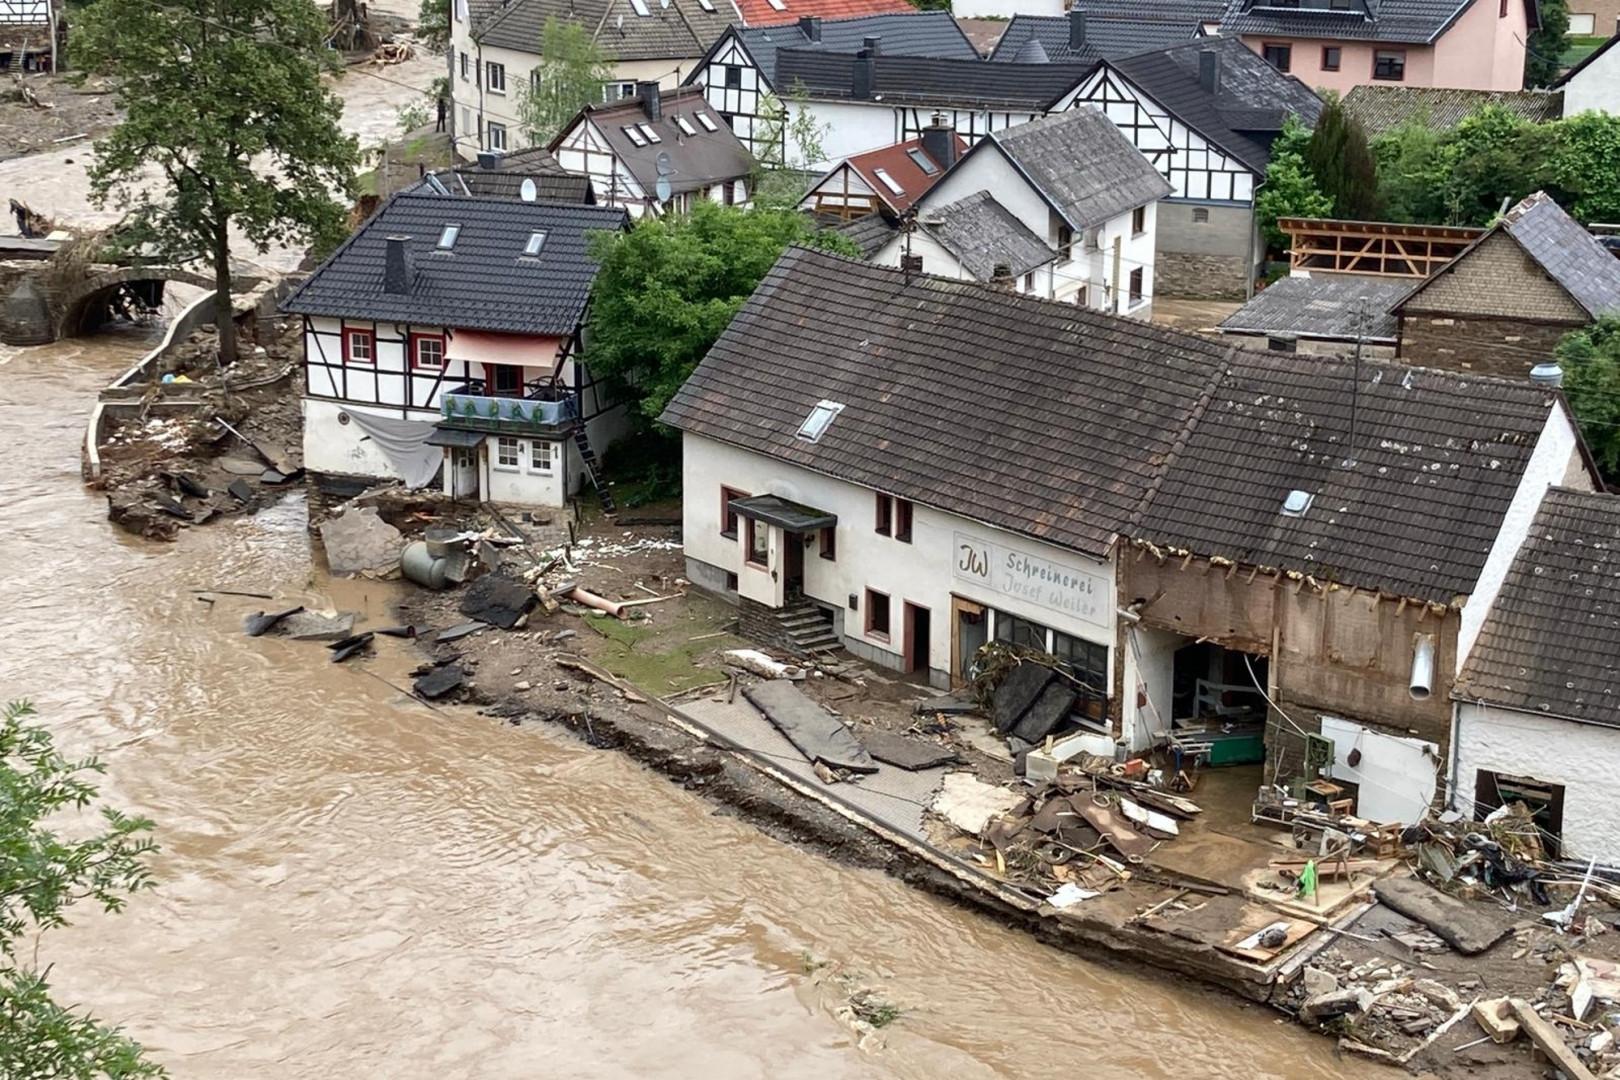 Suite aux intempéries qui ont dévasté l'ouest de l'Allemagne, le bilan humain est très lourd et fait état de 59 morts. Image de la ville de Schuld en Allemagne, au bord de l'Ahr, le jeudi 15 juillet 2021.